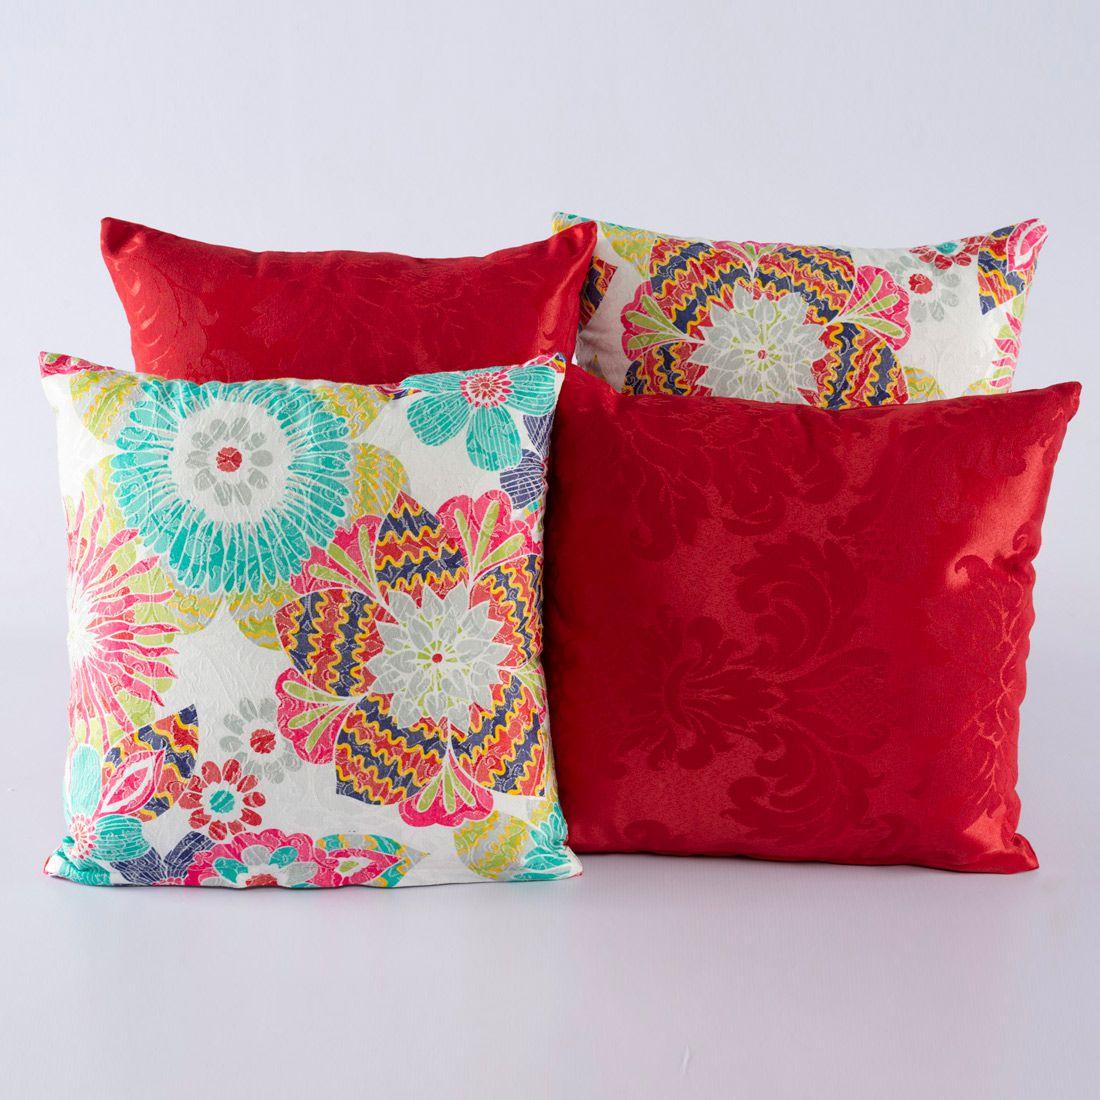 Kit c/ 4 Almofadas Cheias Decorativas Floral Colorido/Vermelho